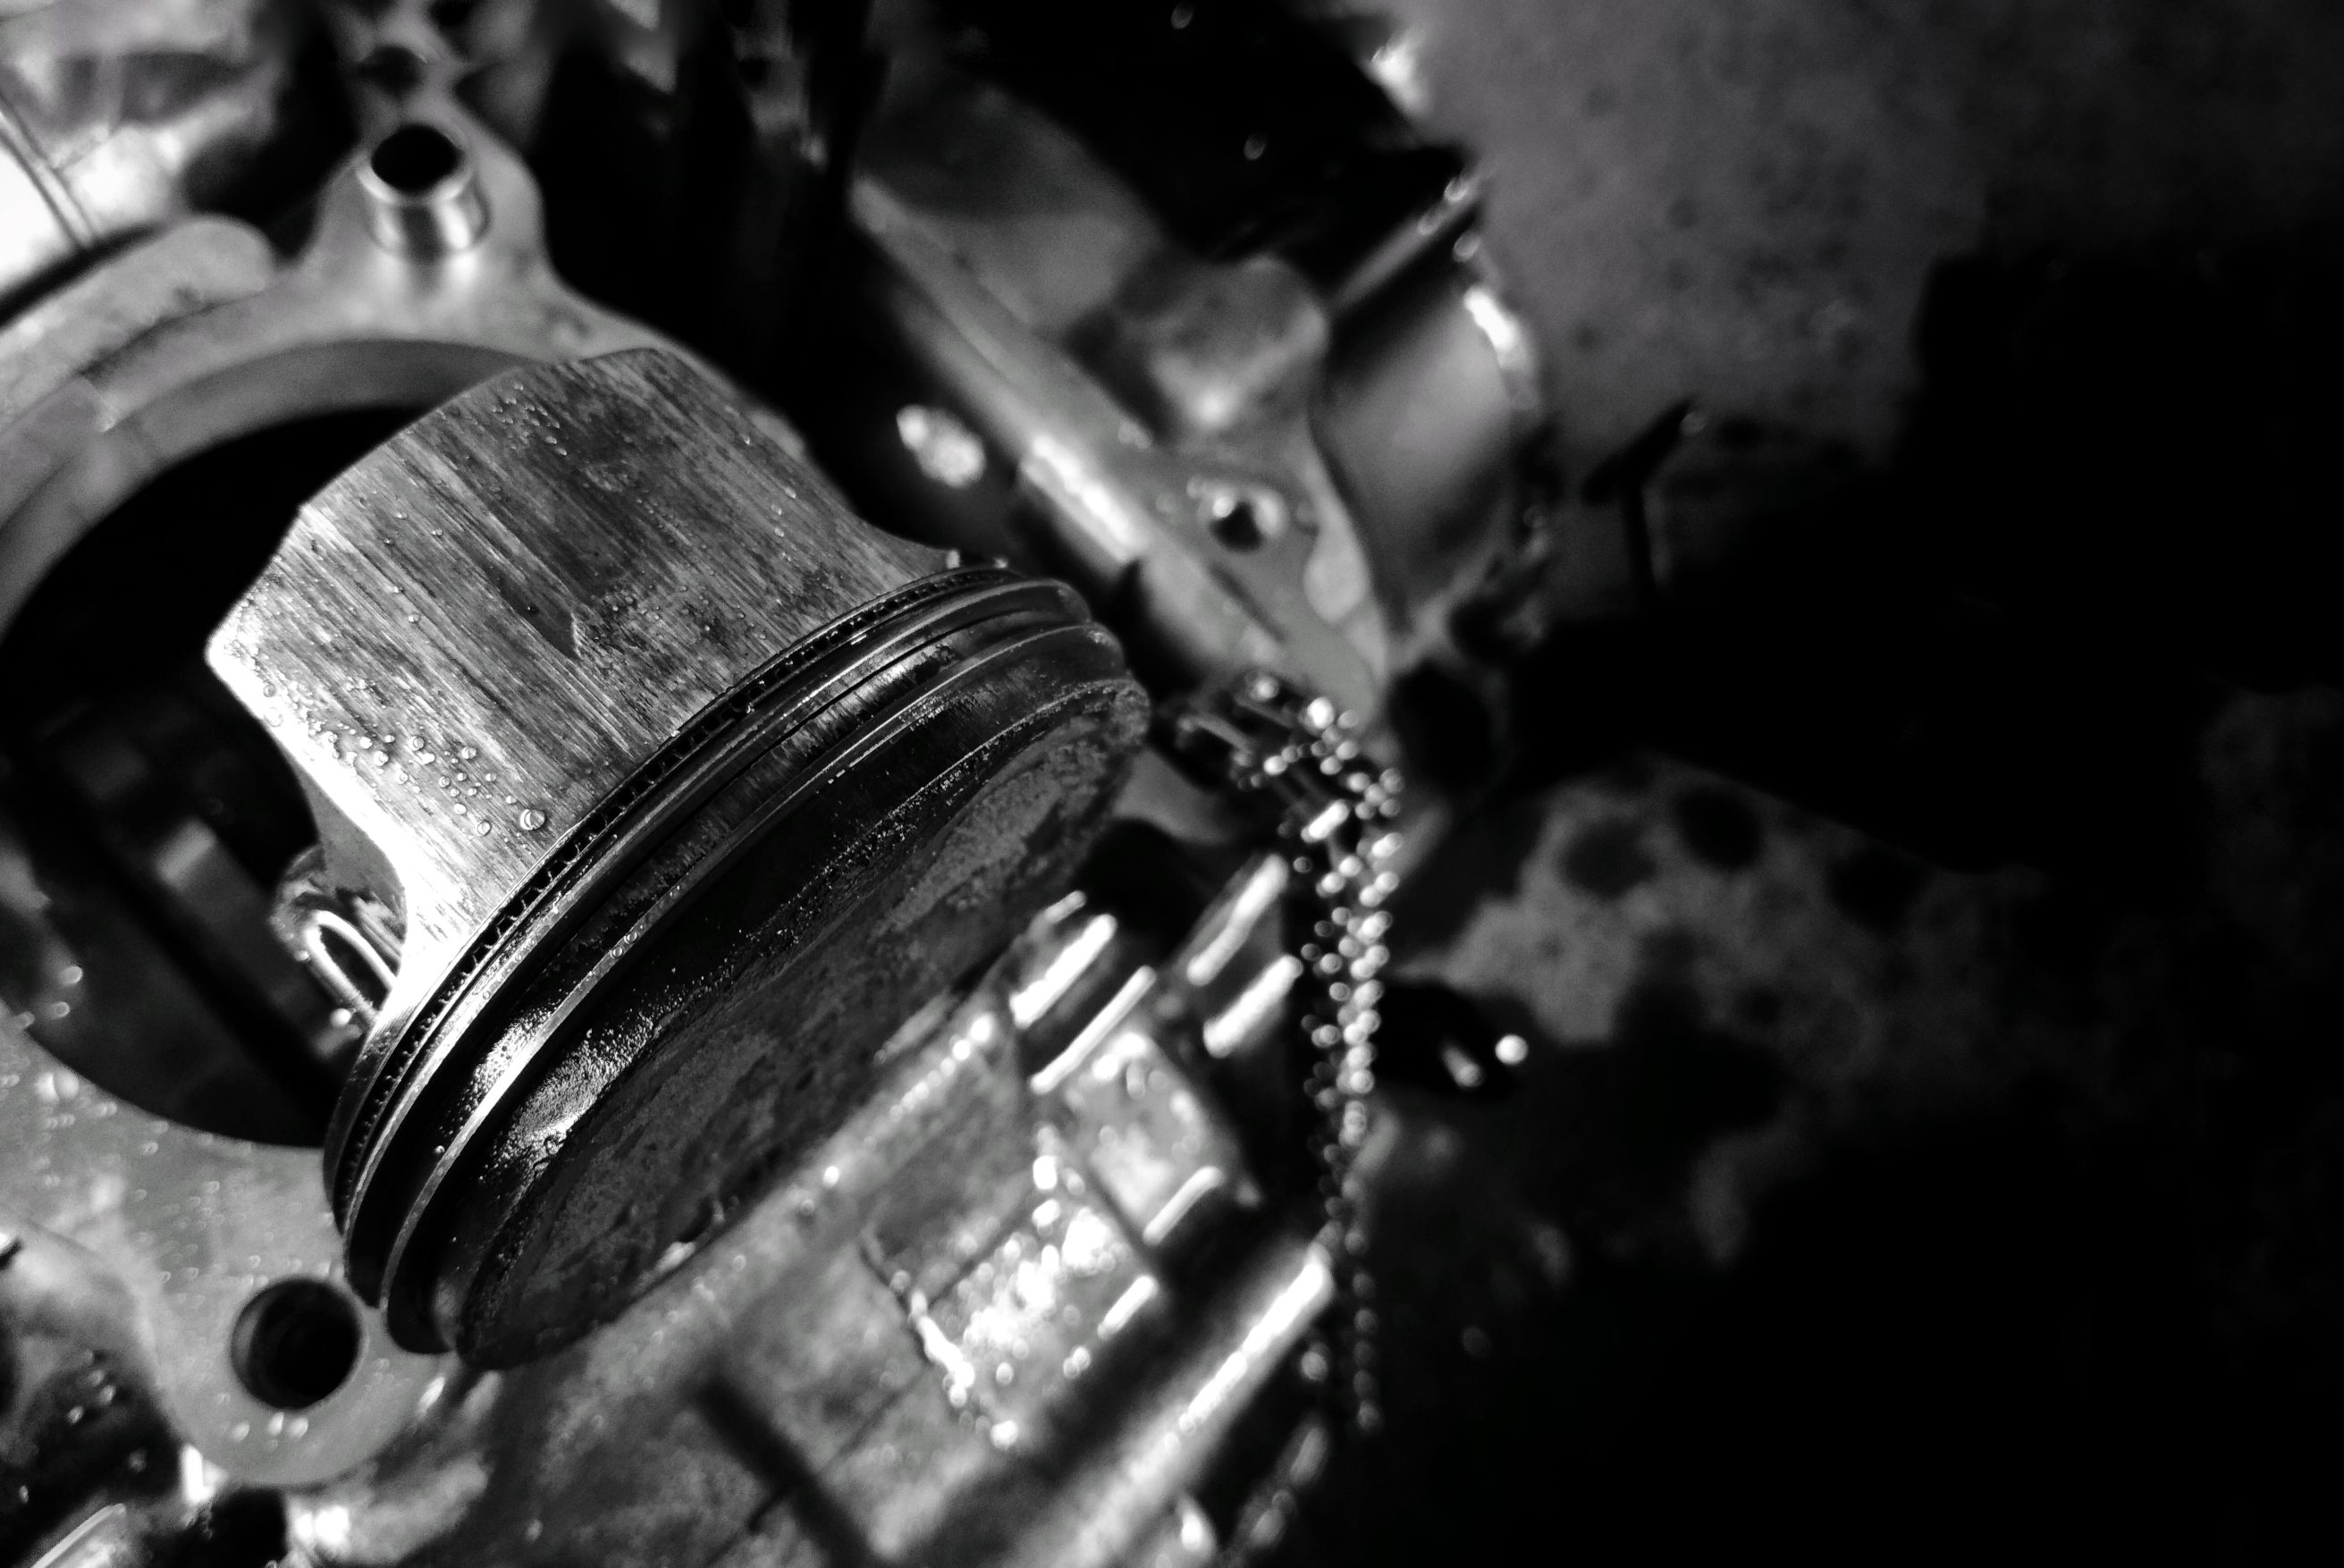 Apa yang Terjadi saat Piston Motor Rusak?